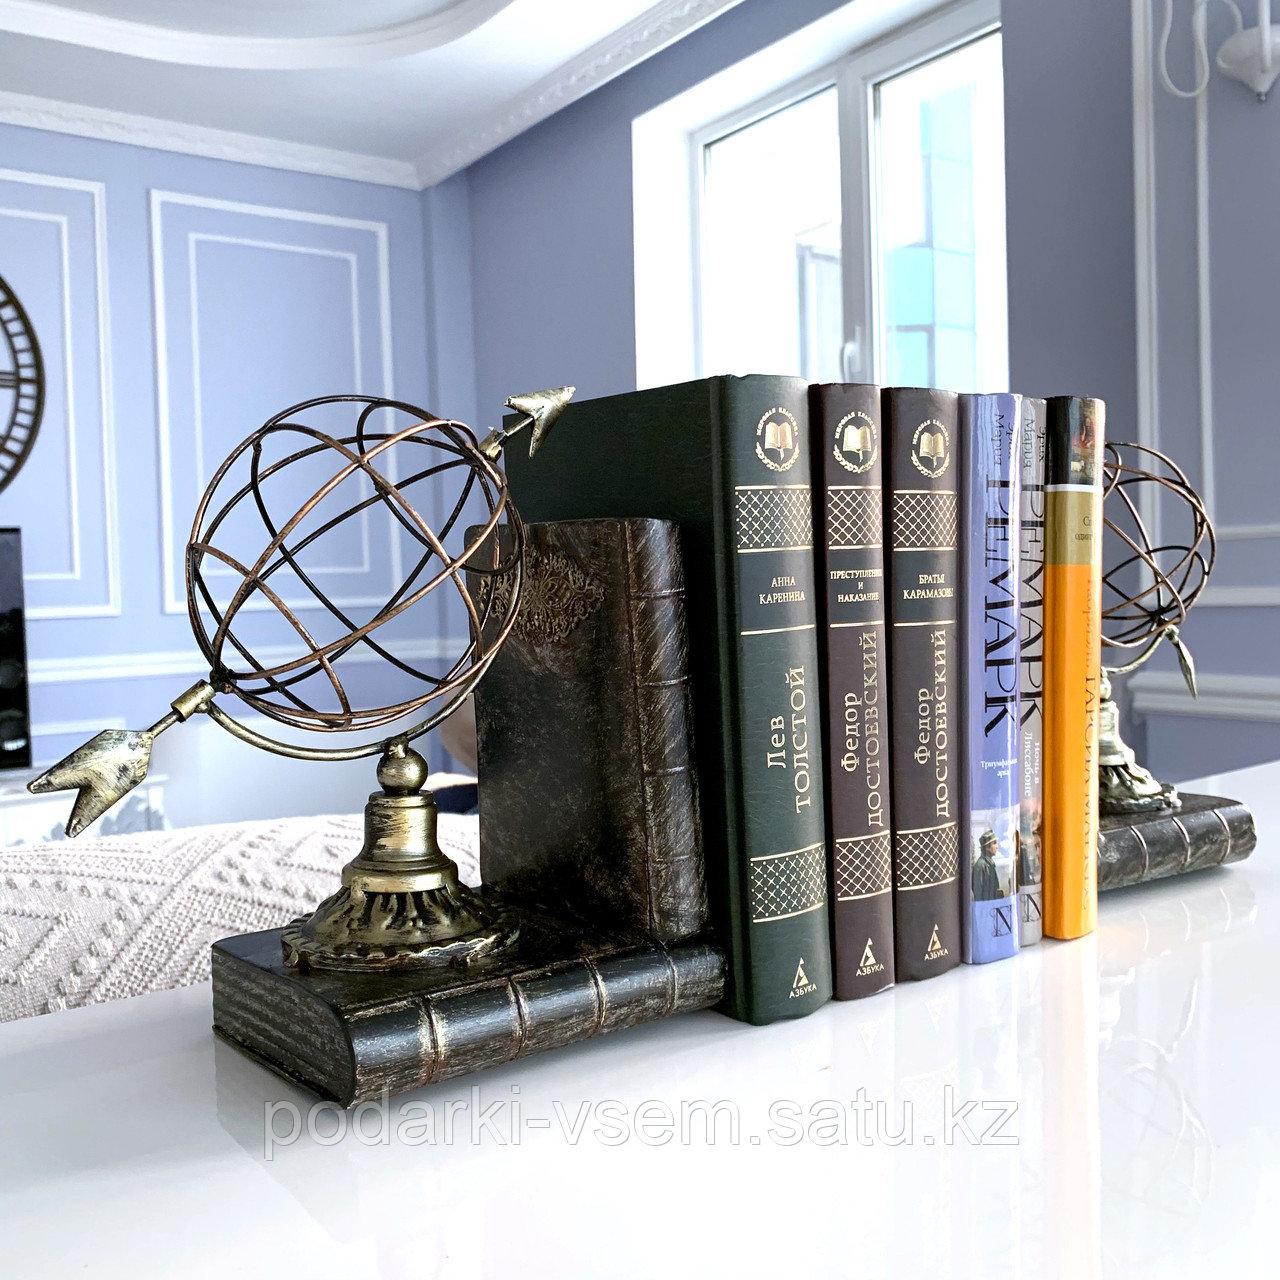 """Держатель для книг """"Глобус"""" - фото 3"""